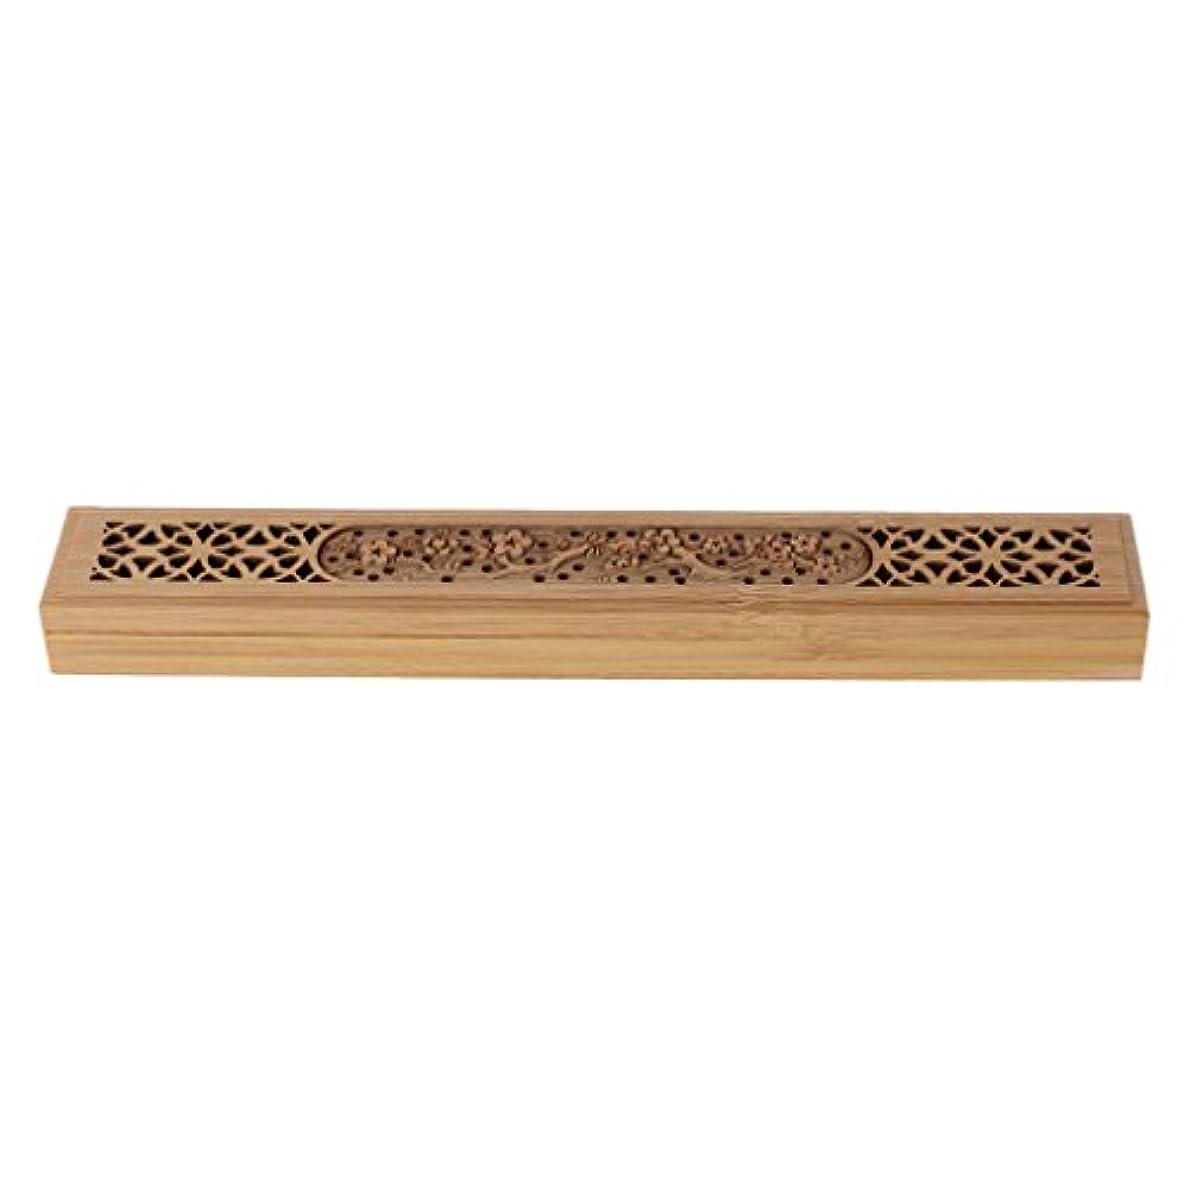 レイア土砂降り無一文SimpleLife 木製の香炉バーナーレトロな手彫り中空のジョス棒の香りホルダーボックス